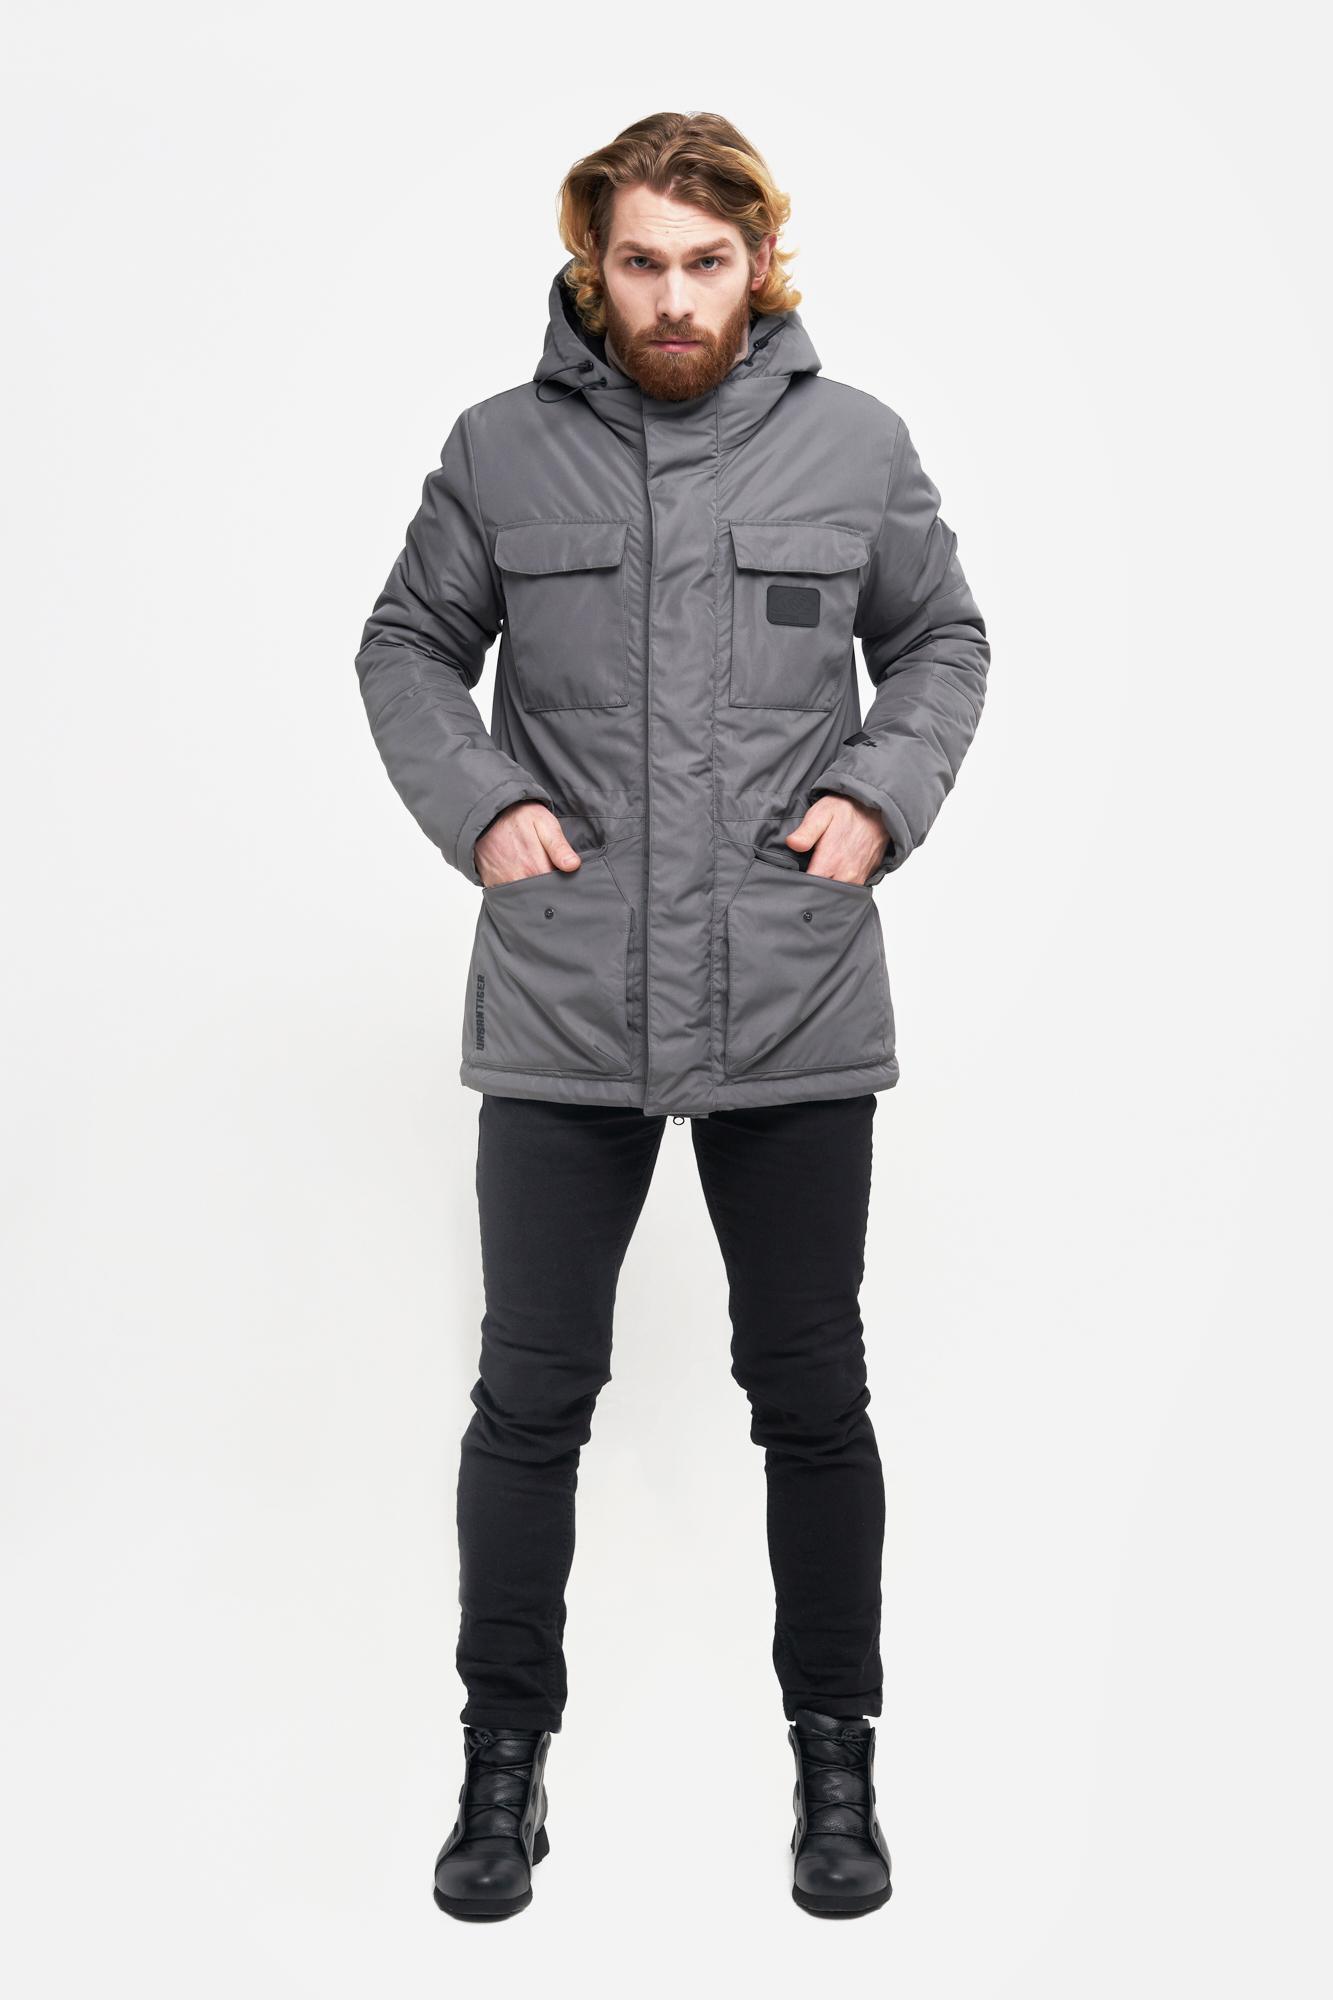 Купить куртку утепленную Москва